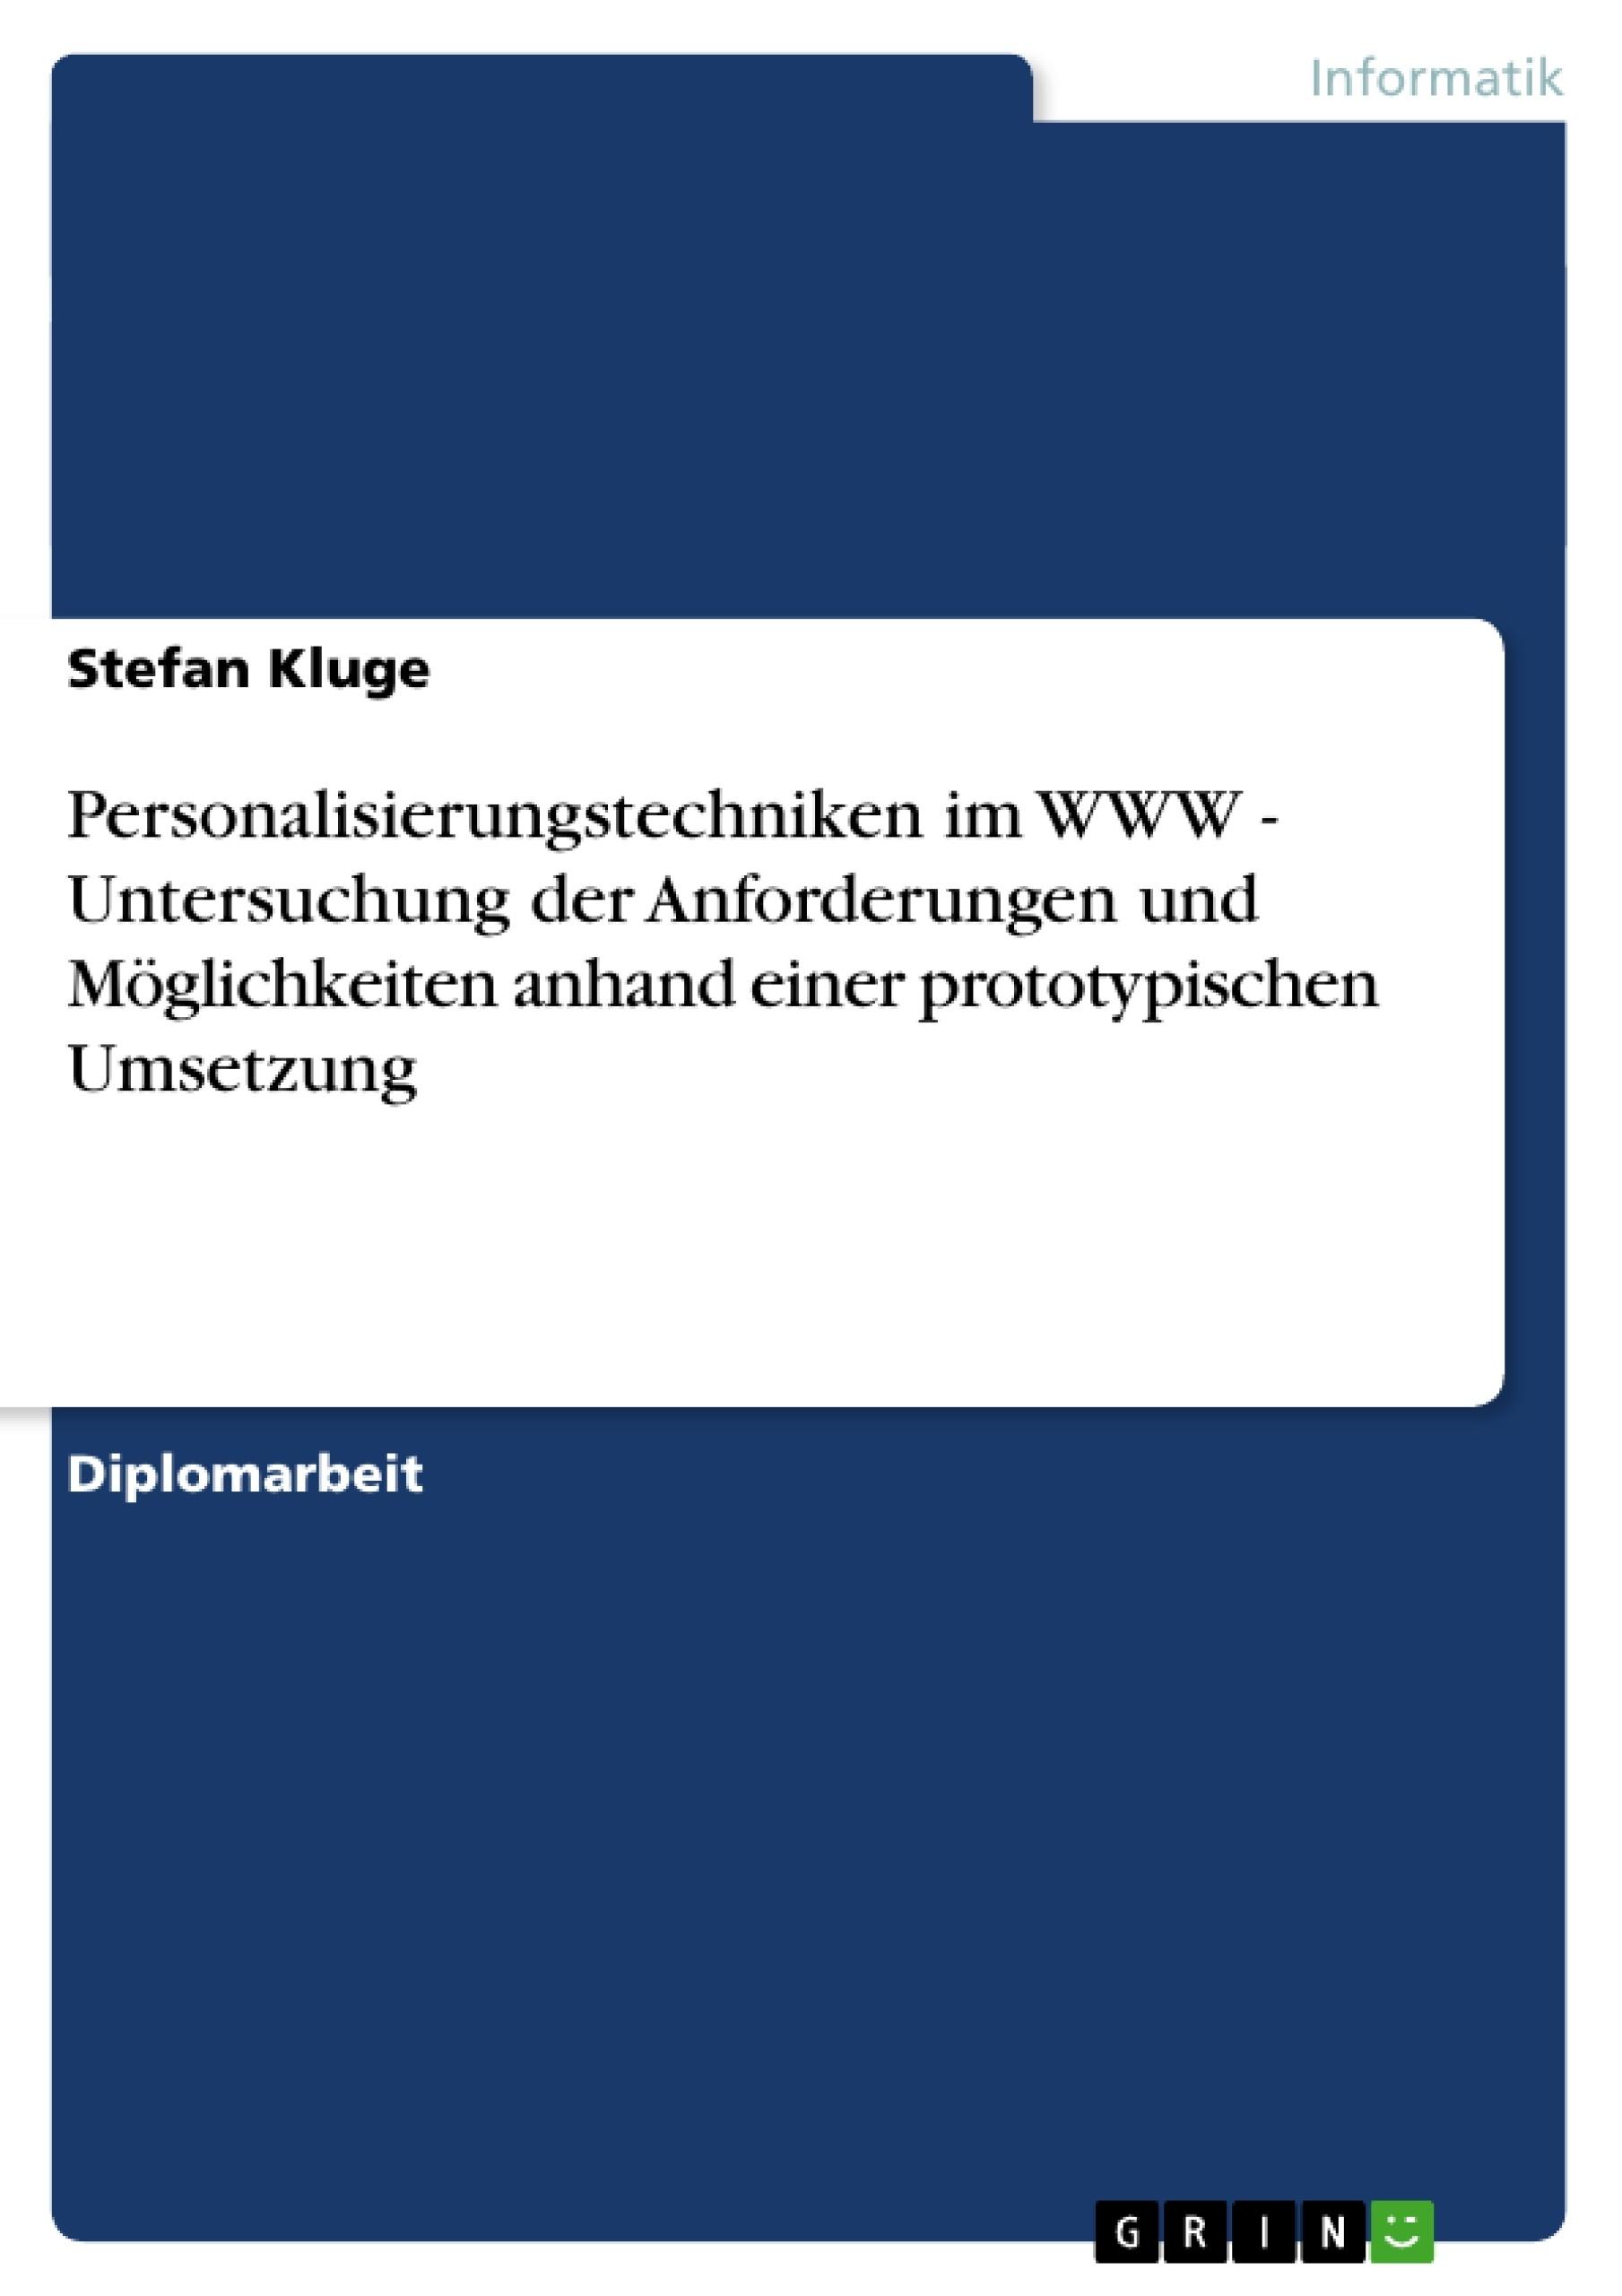 Titel: Personalisierungstechniken im WWW - Untersuchung der Anforderungen und Möglichkeiten anhand einer prototypischen Umsetzung